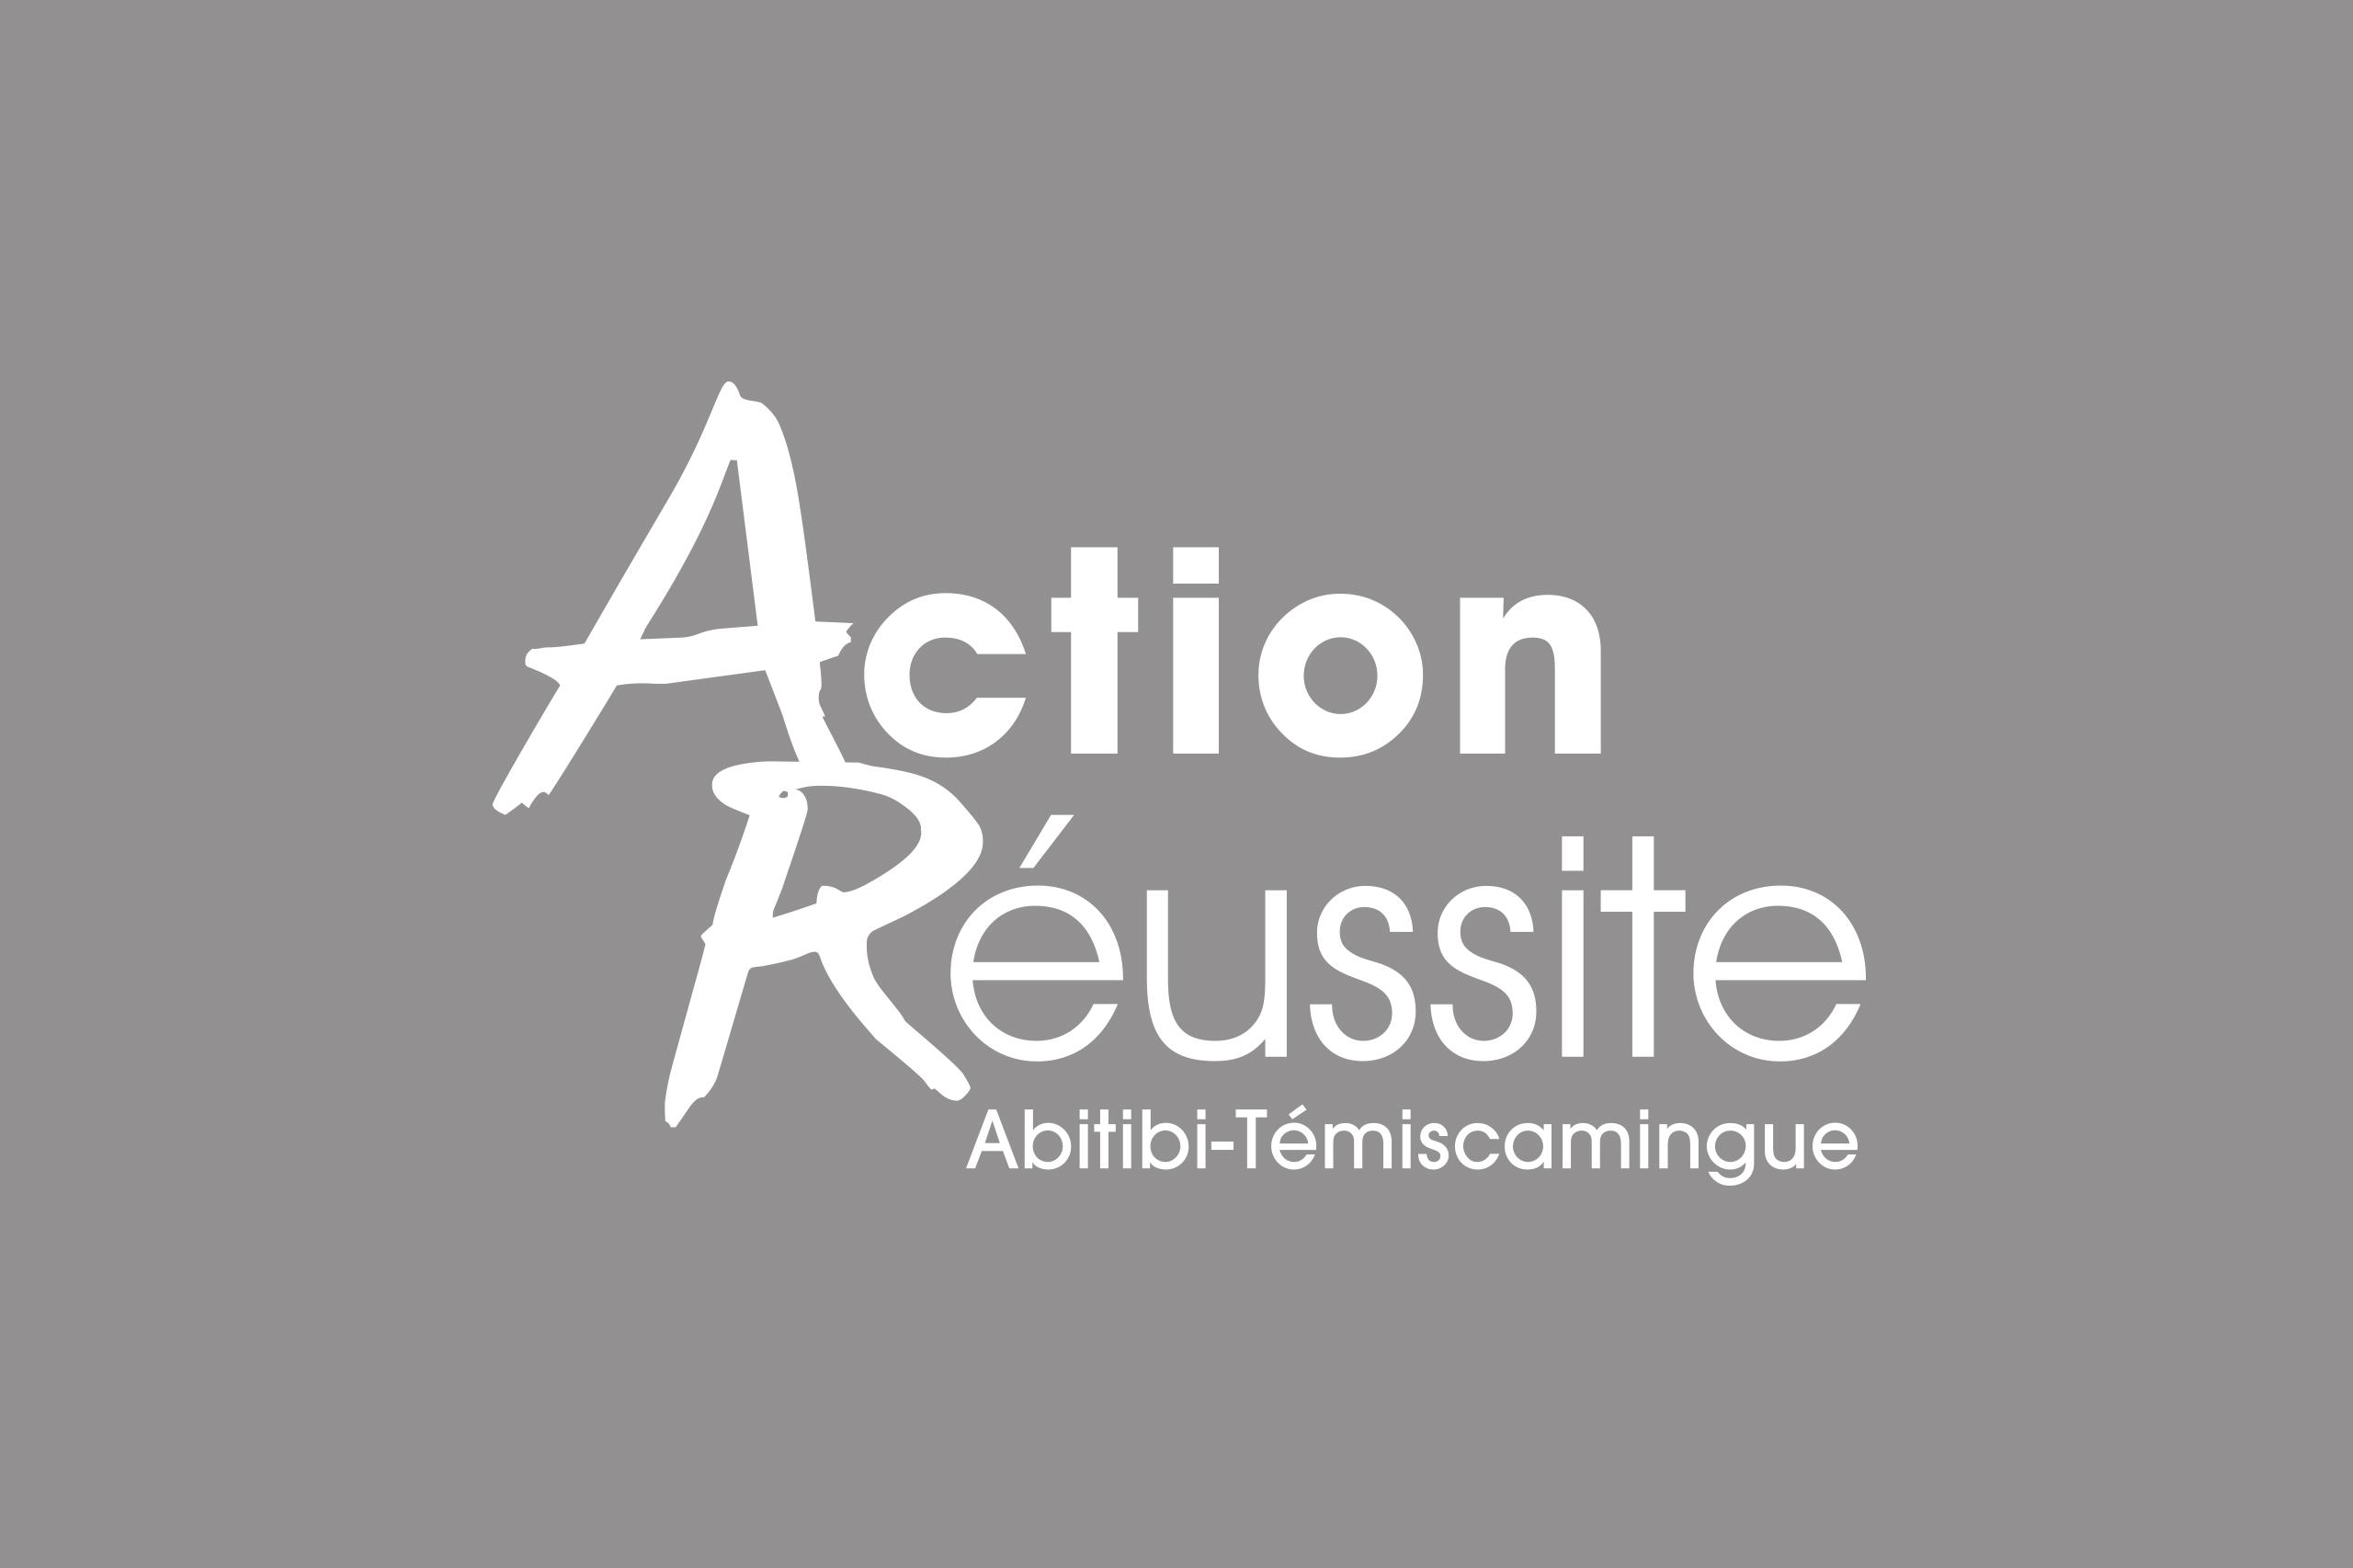 Action_Reussite